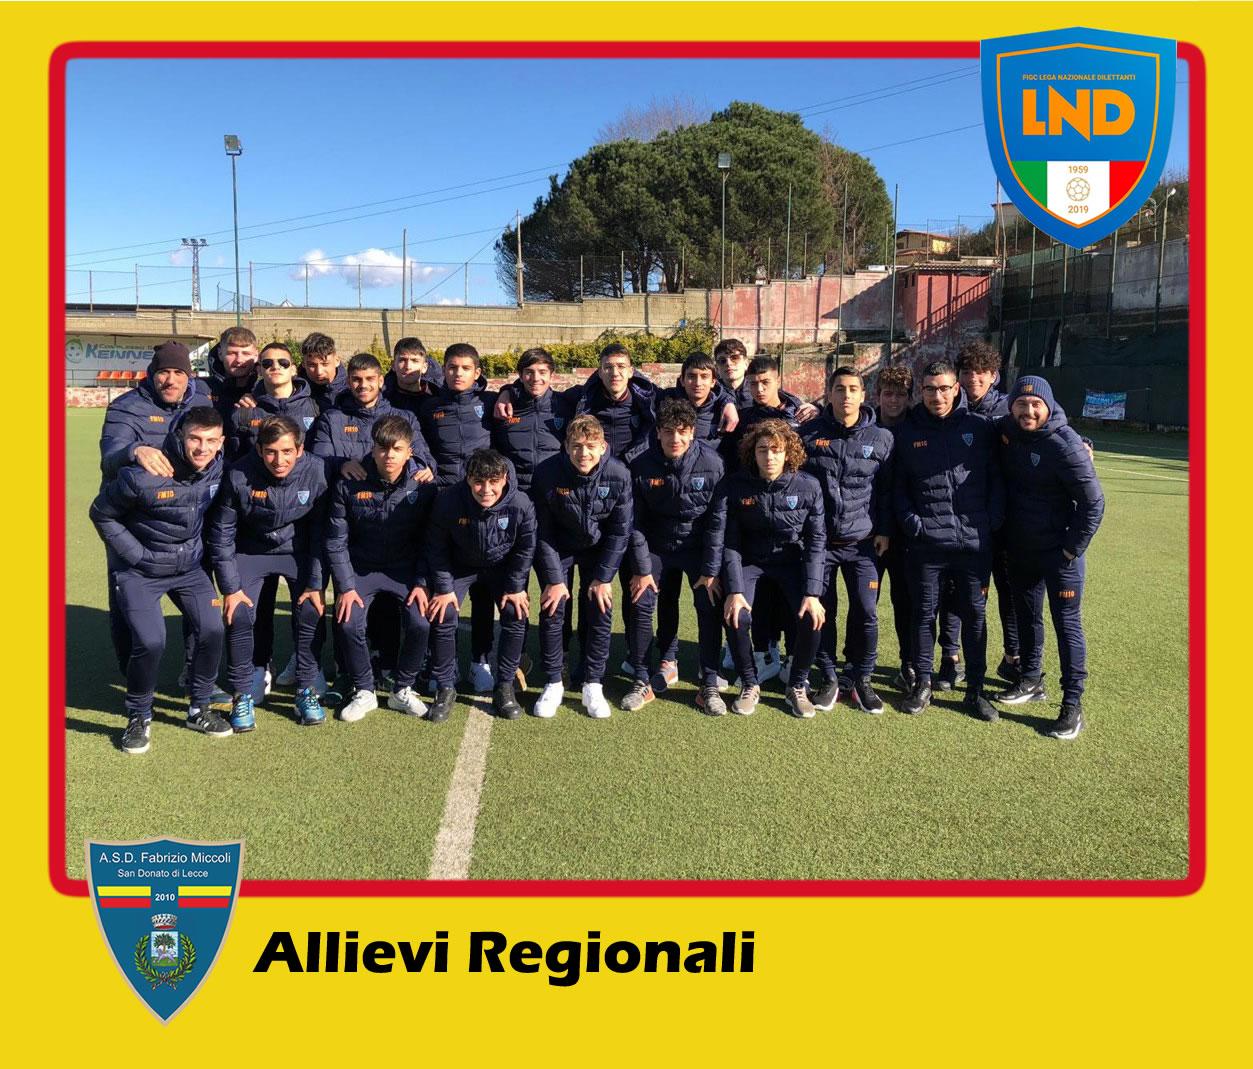 ASD Fabrizio Miccoli - Categoria Allievi Regionali